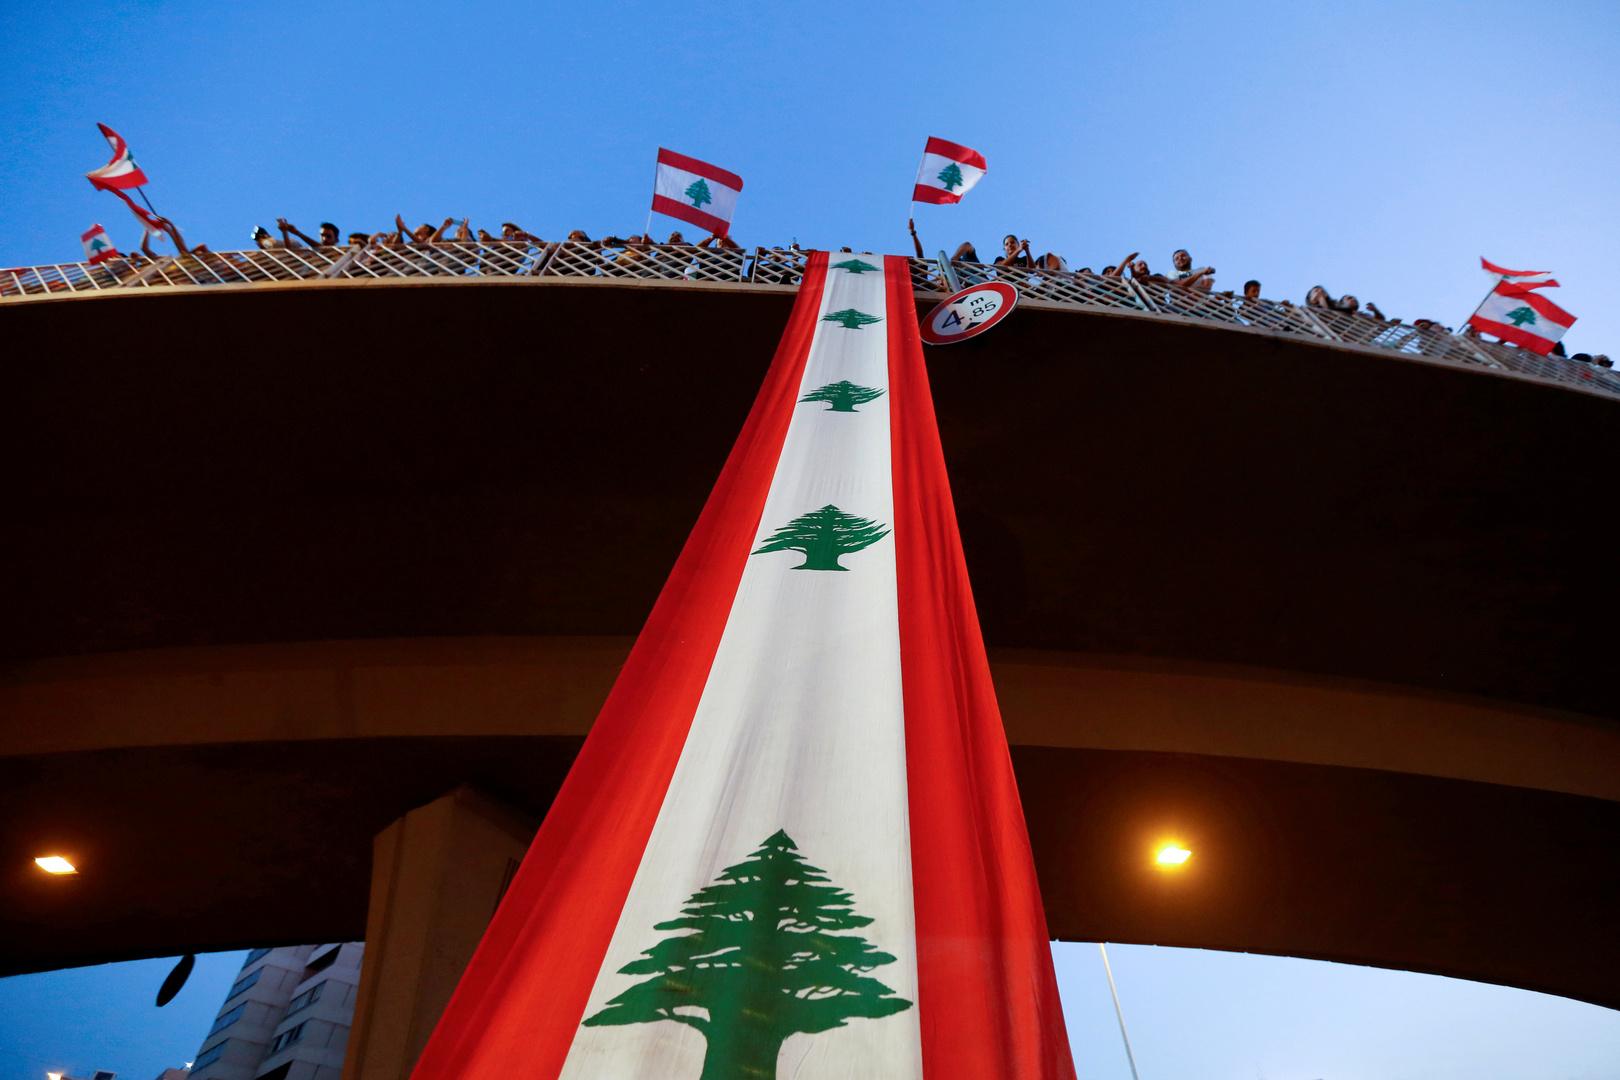 وزير بريطاني: في ظل غياب الإصلاحات في لبنان فإن الأزمة ستسوء